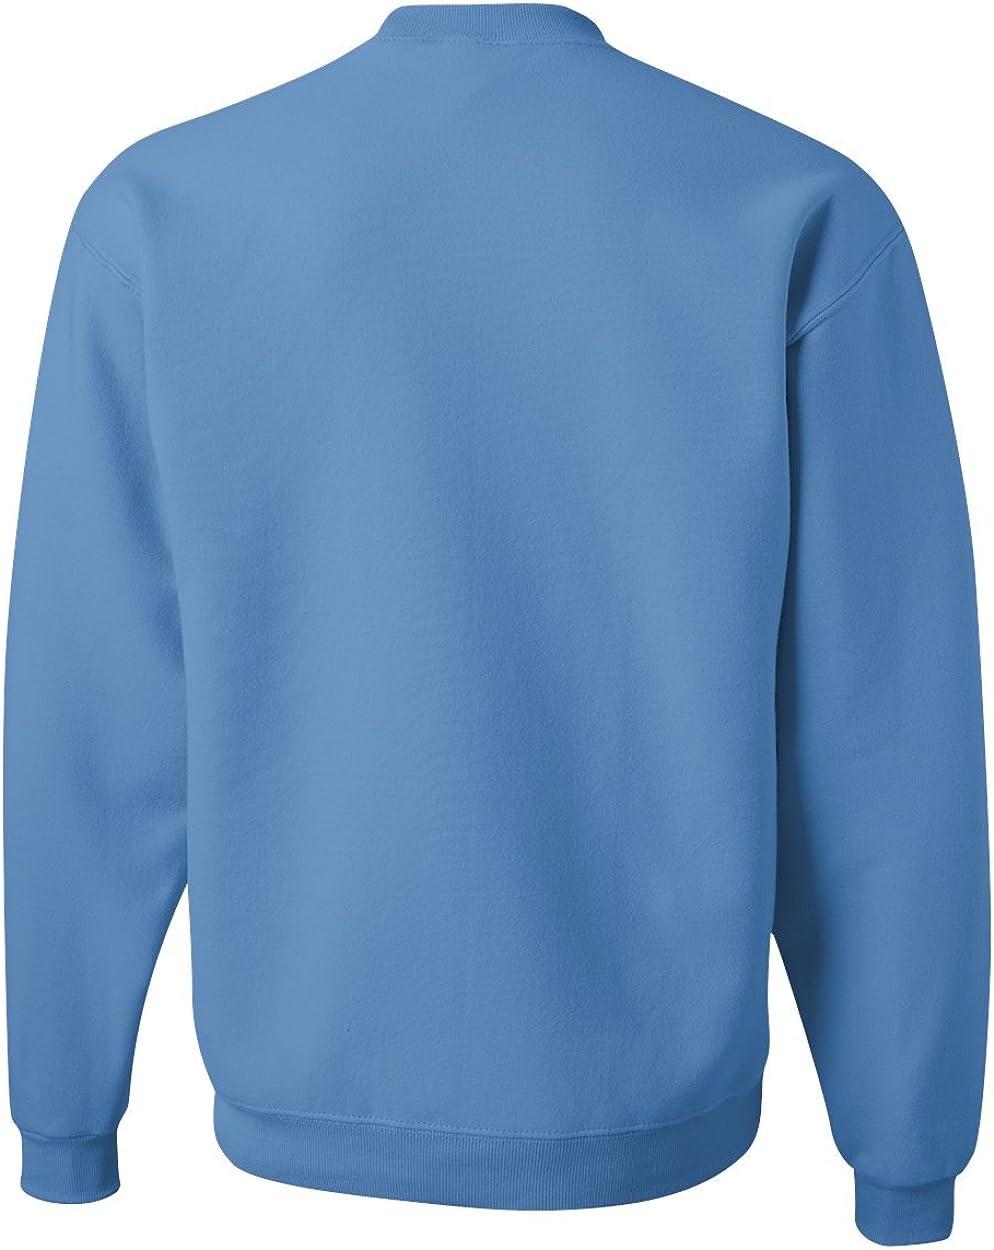 Jerzees 4662 9.5 oz 50//50 Super Sweats Fleece Crew